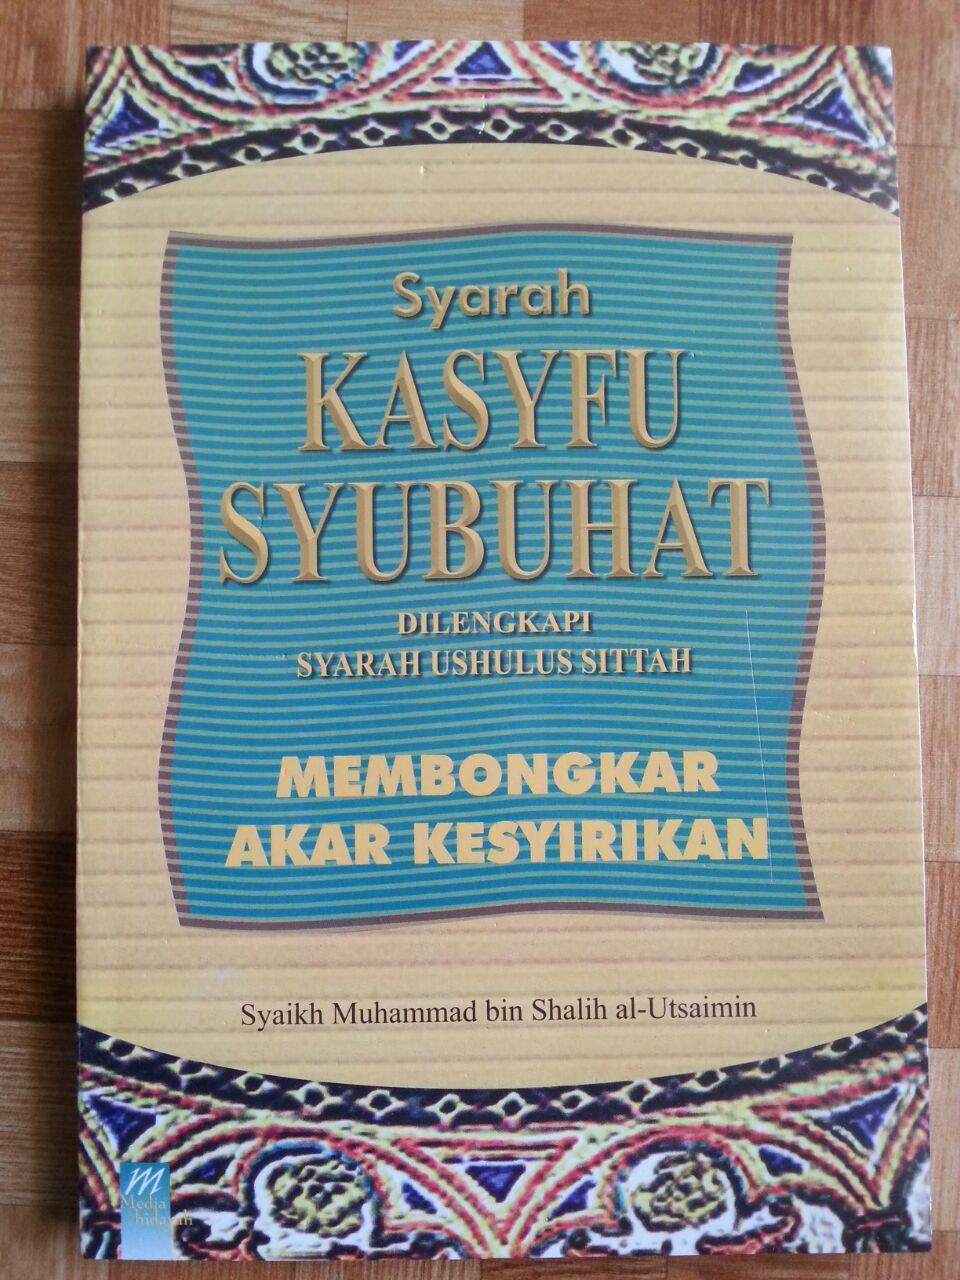 Buku Syarah Kasyfu Syubhat (Membongkar Akar Kesyirikan) cover 2